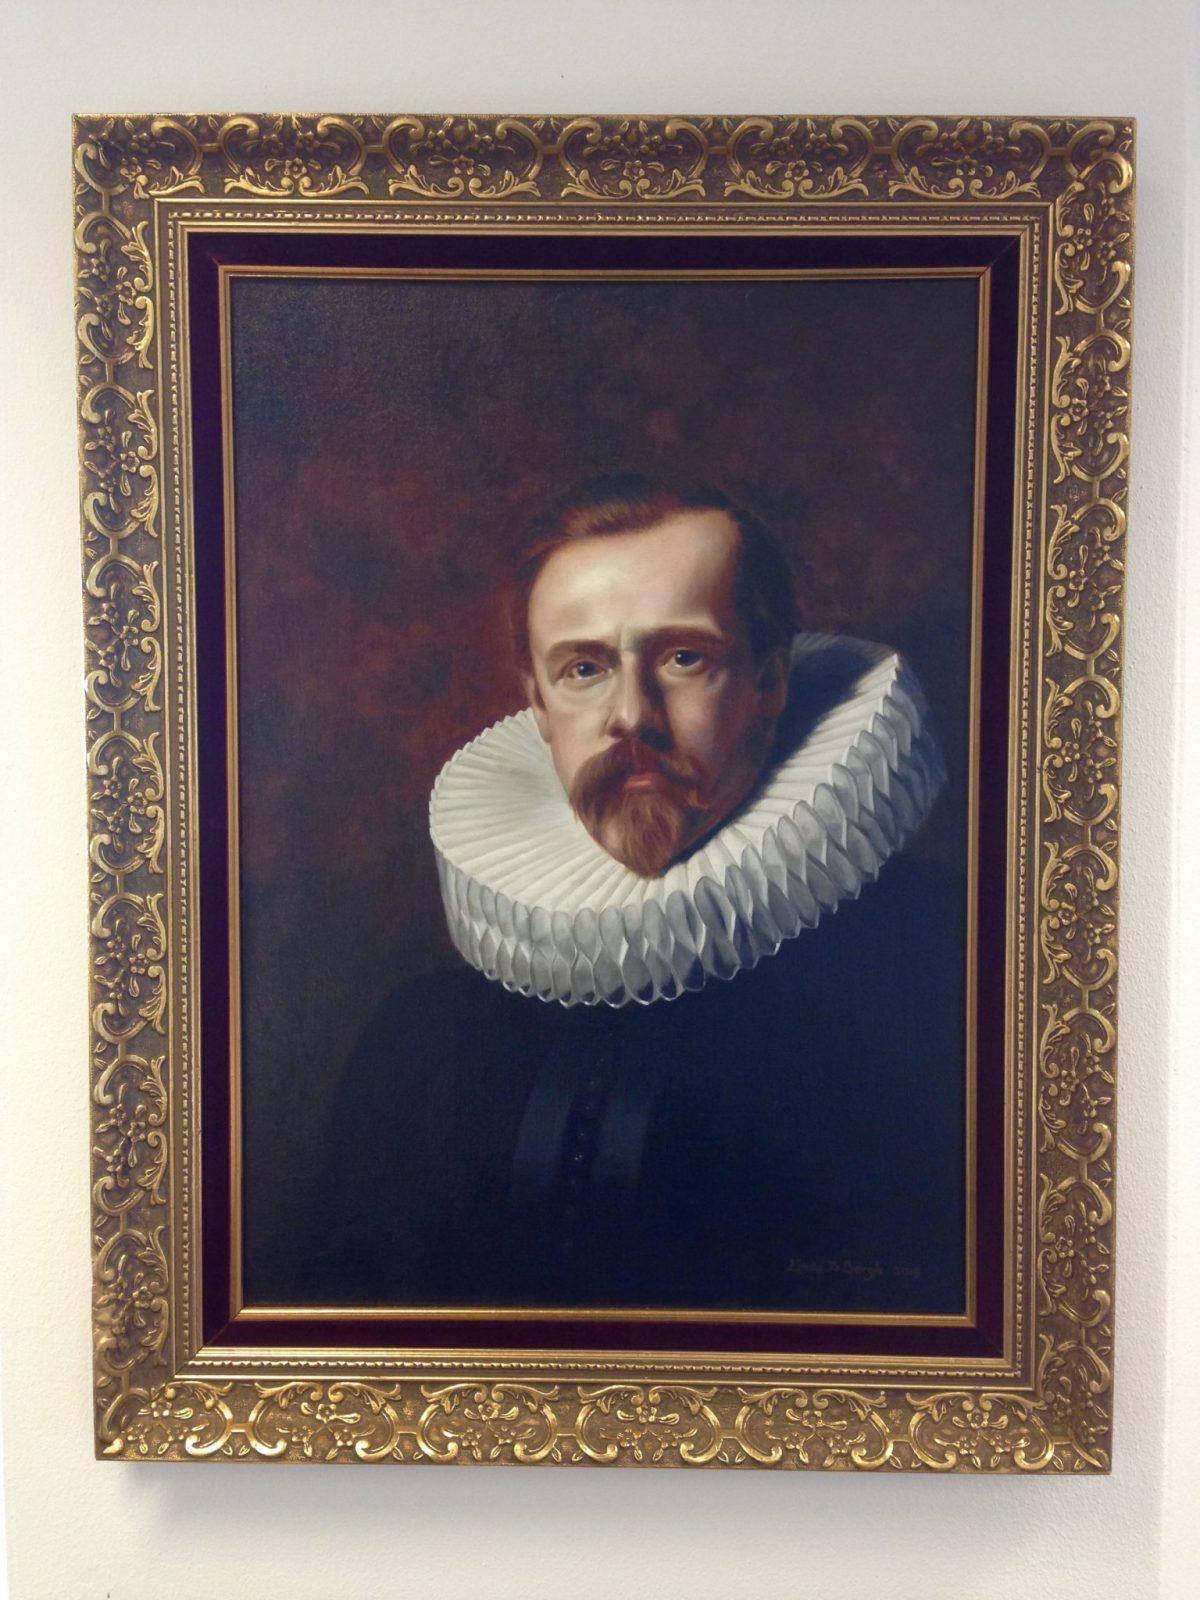 Portret naar frans hals met molensteenkraag